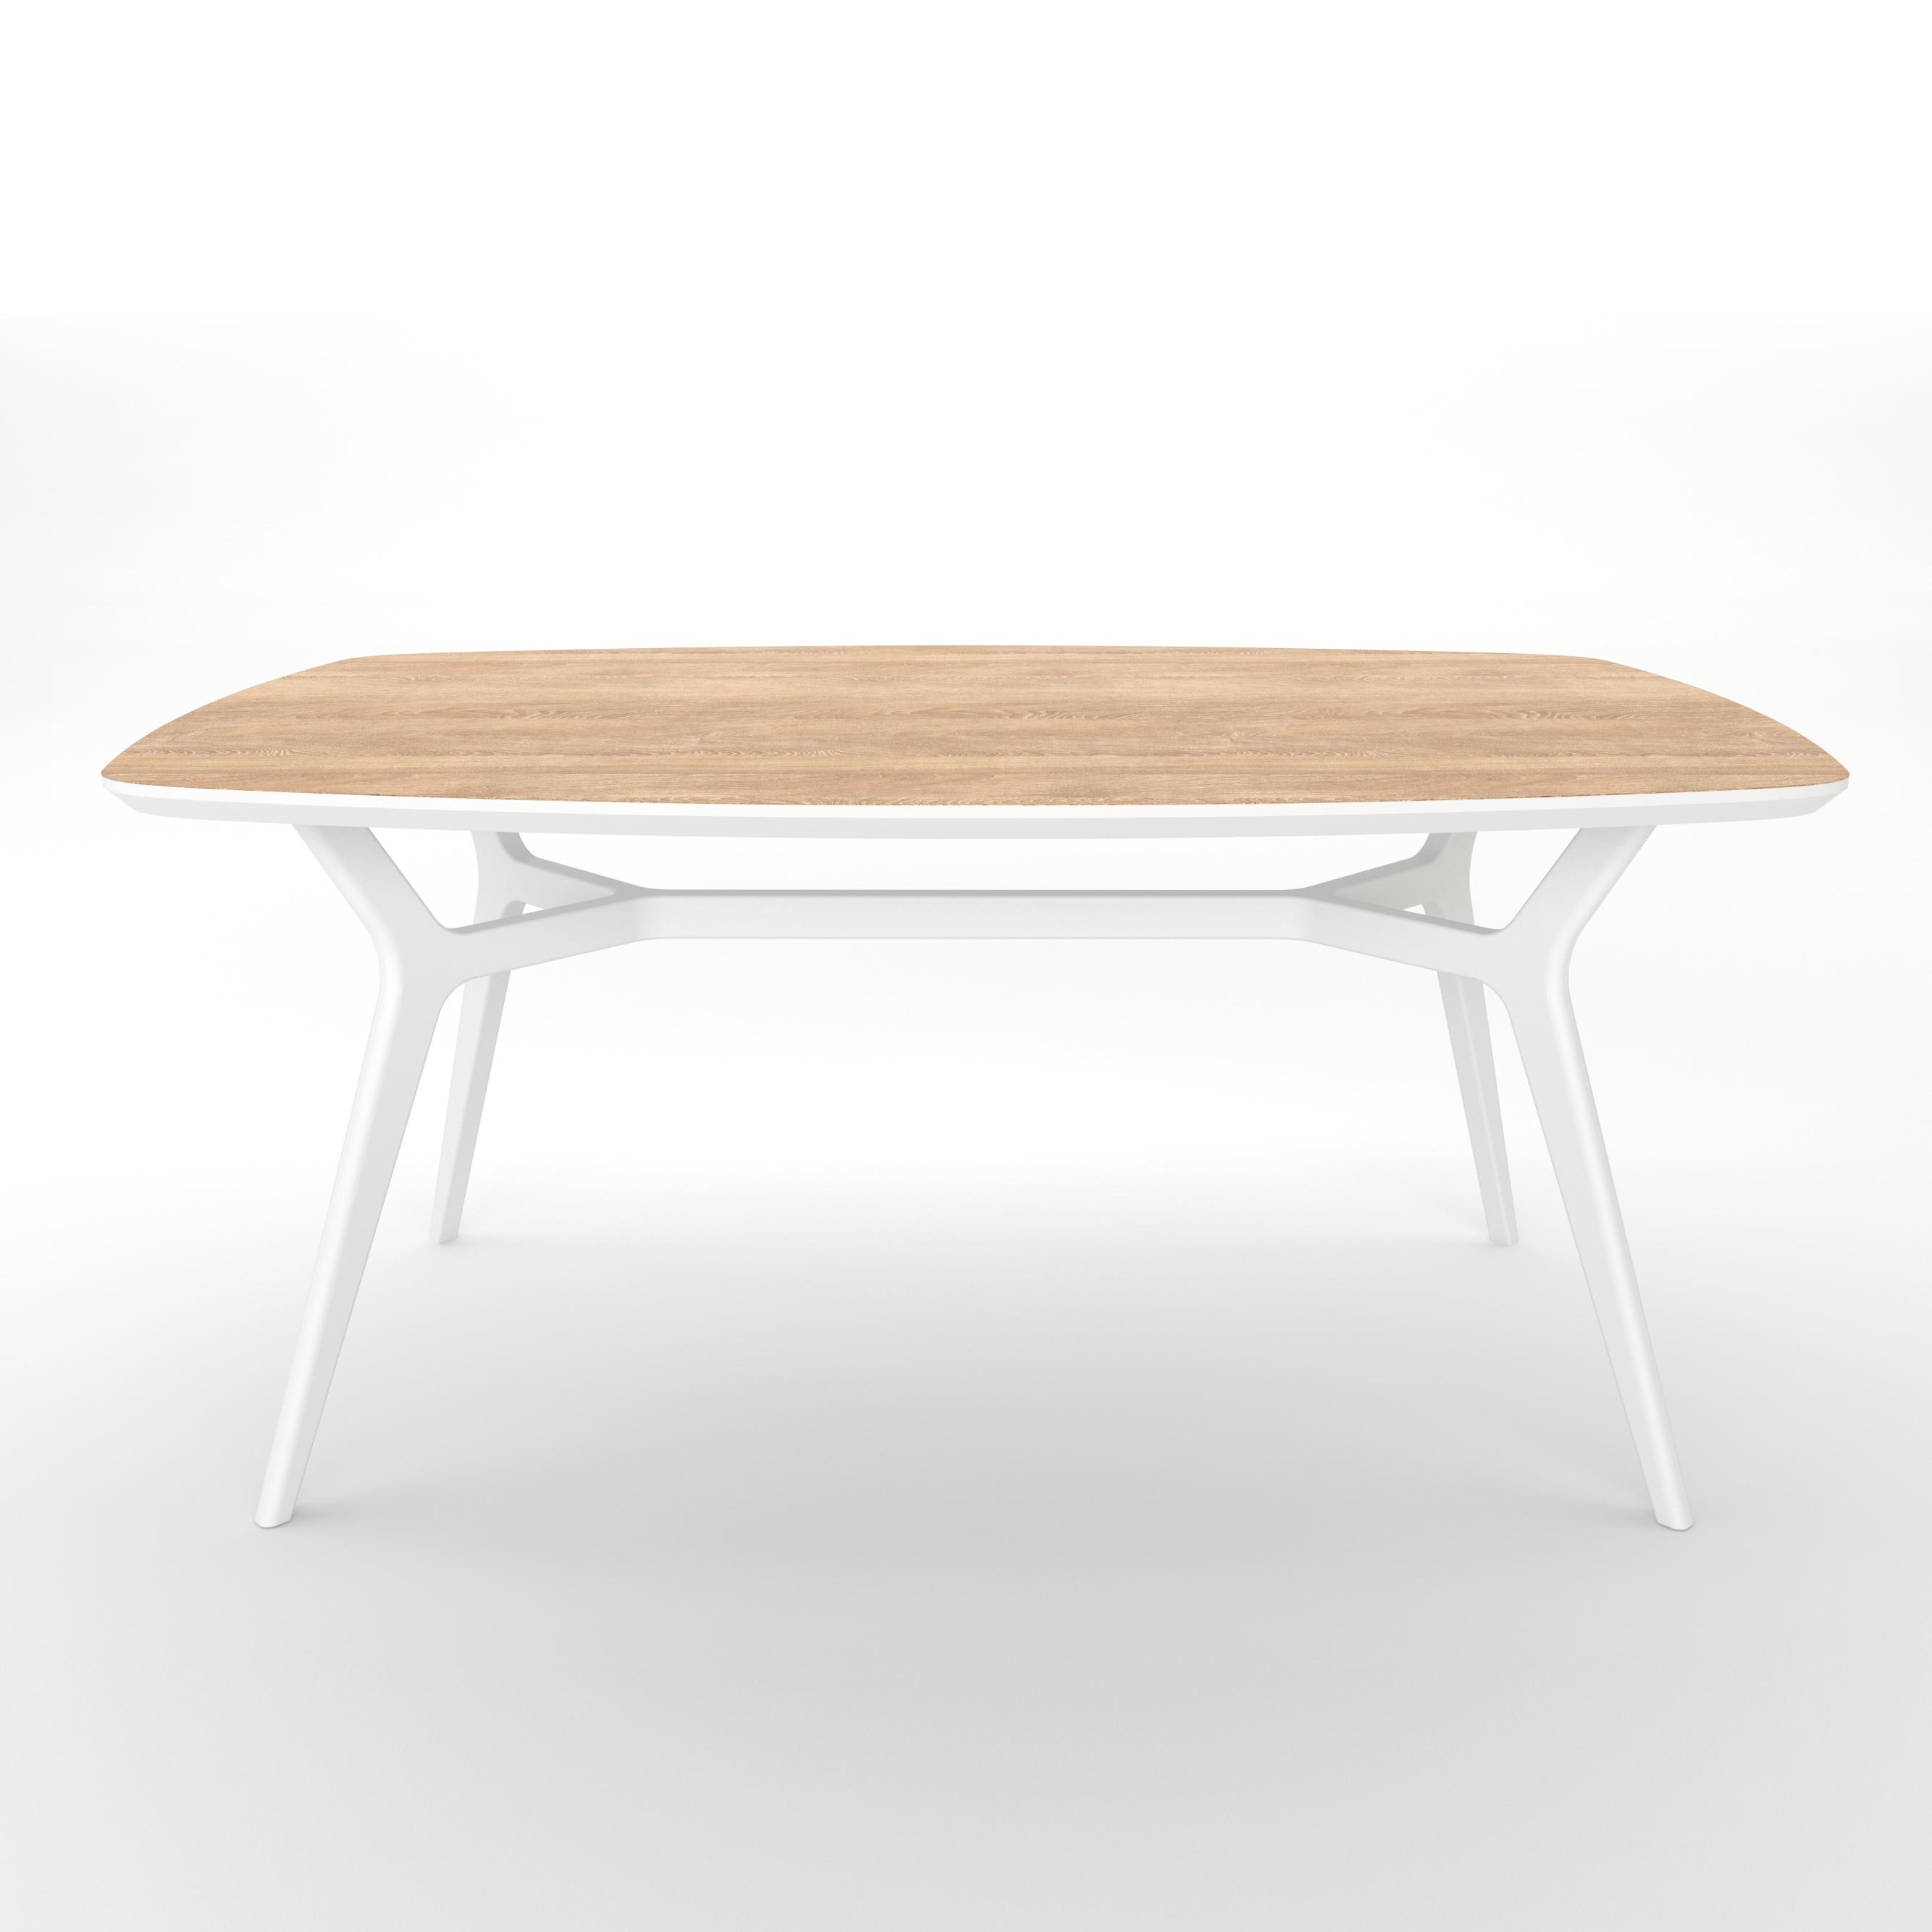 Стол JohannОбеденные столы<br>Тщательная проработка деталей и пропорций стола позволяет ему идеально вписаться в любой интерьер.&amp;lt;div&amp;gt;&amp;lt;br&amp;gt;&amp;lt;/div&amp;gt;&amp;lt;div&amp;gt;Отделка столешницы шпоном дуба, подстолье выкрашено в белый цвет. Сборка не требуется.  &amp;lt;/div&amp;gt;<br><br>Material: МДФ<br>Ширина см: 160<br>Высота см: 75<br>Глубина см: 80